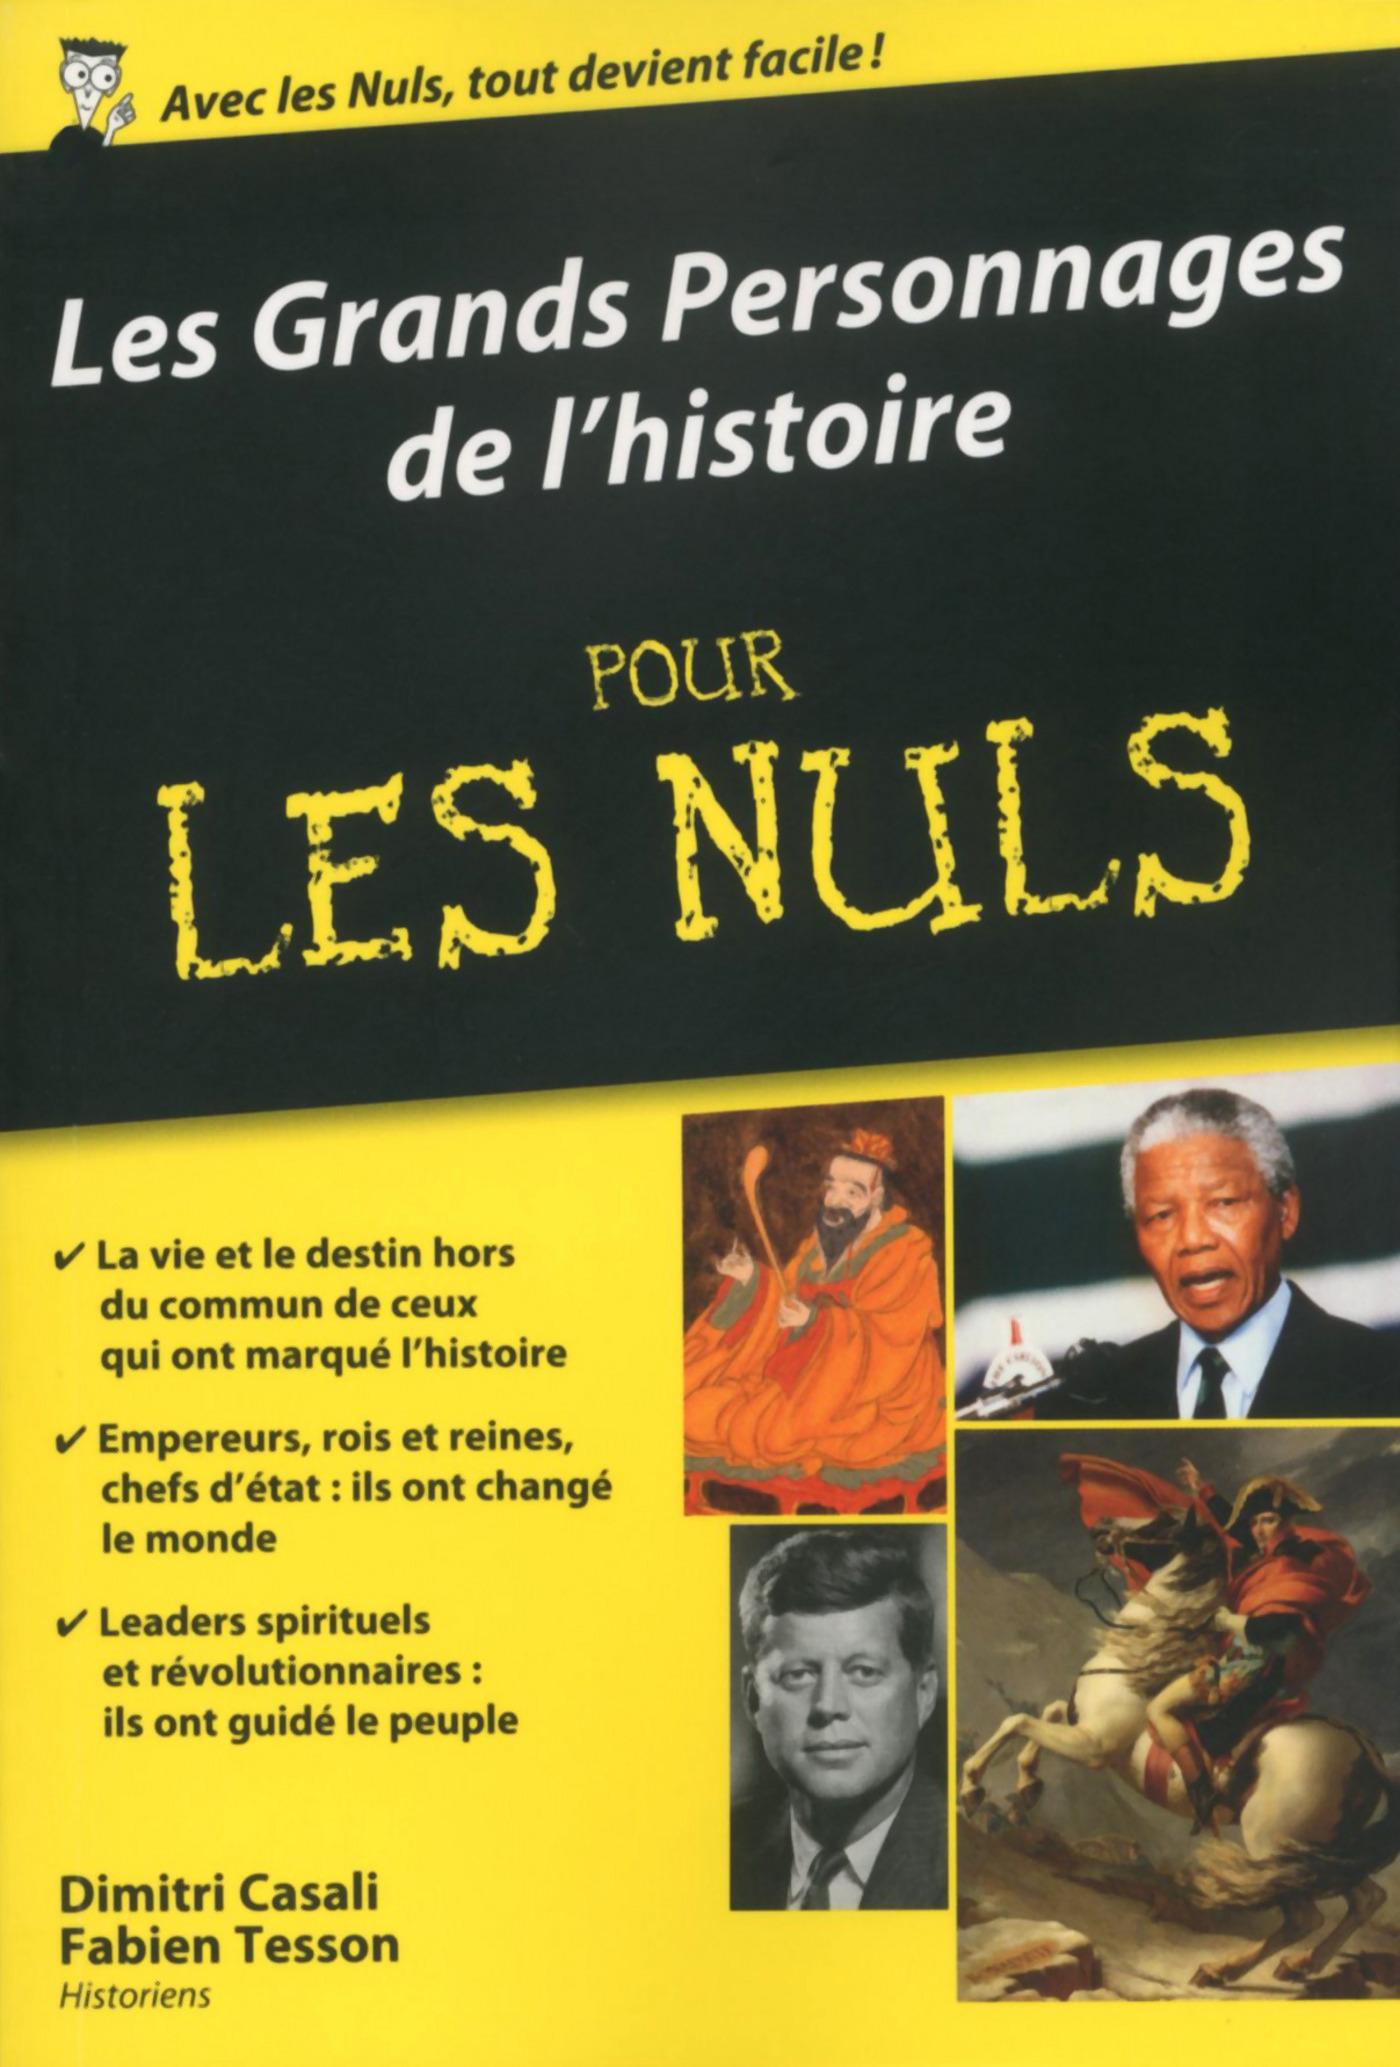 Les Grands Personnages de l'histoire pour les Nuls poche